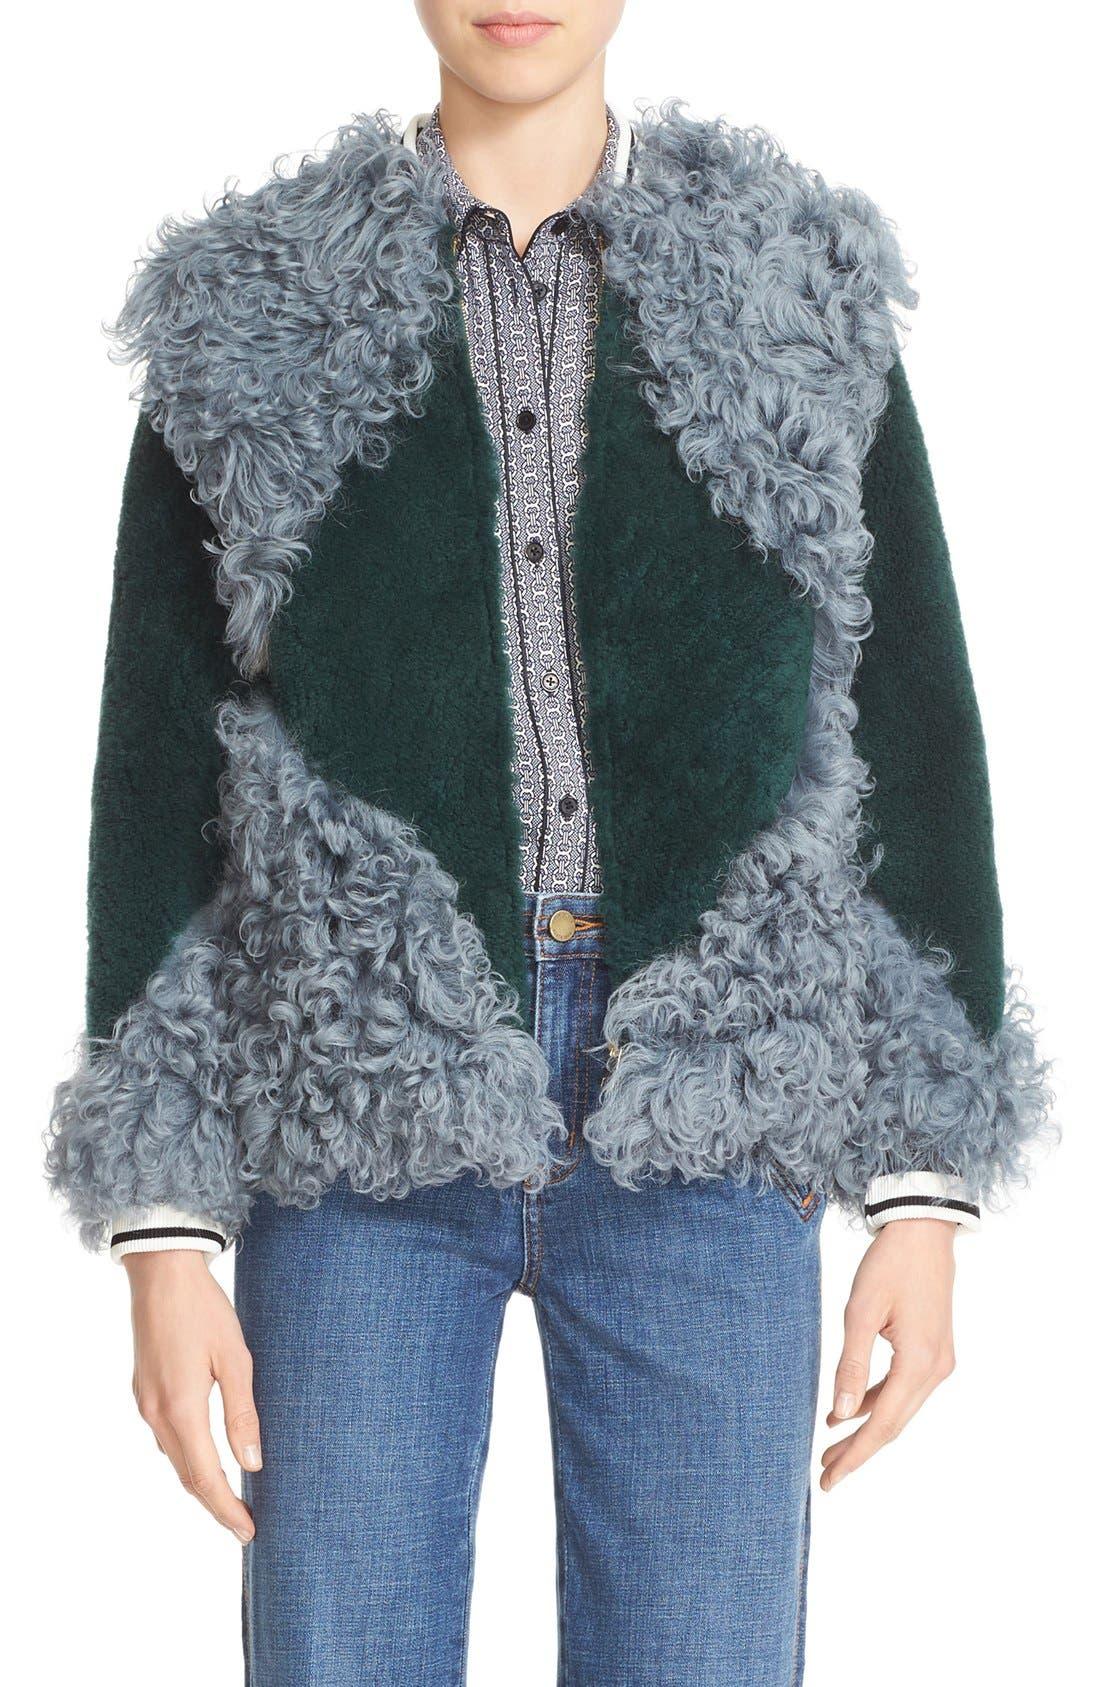 'Bristol' Colorblock Genuine Shearling Jacket,                             Main thumbnail 1, color,                             318